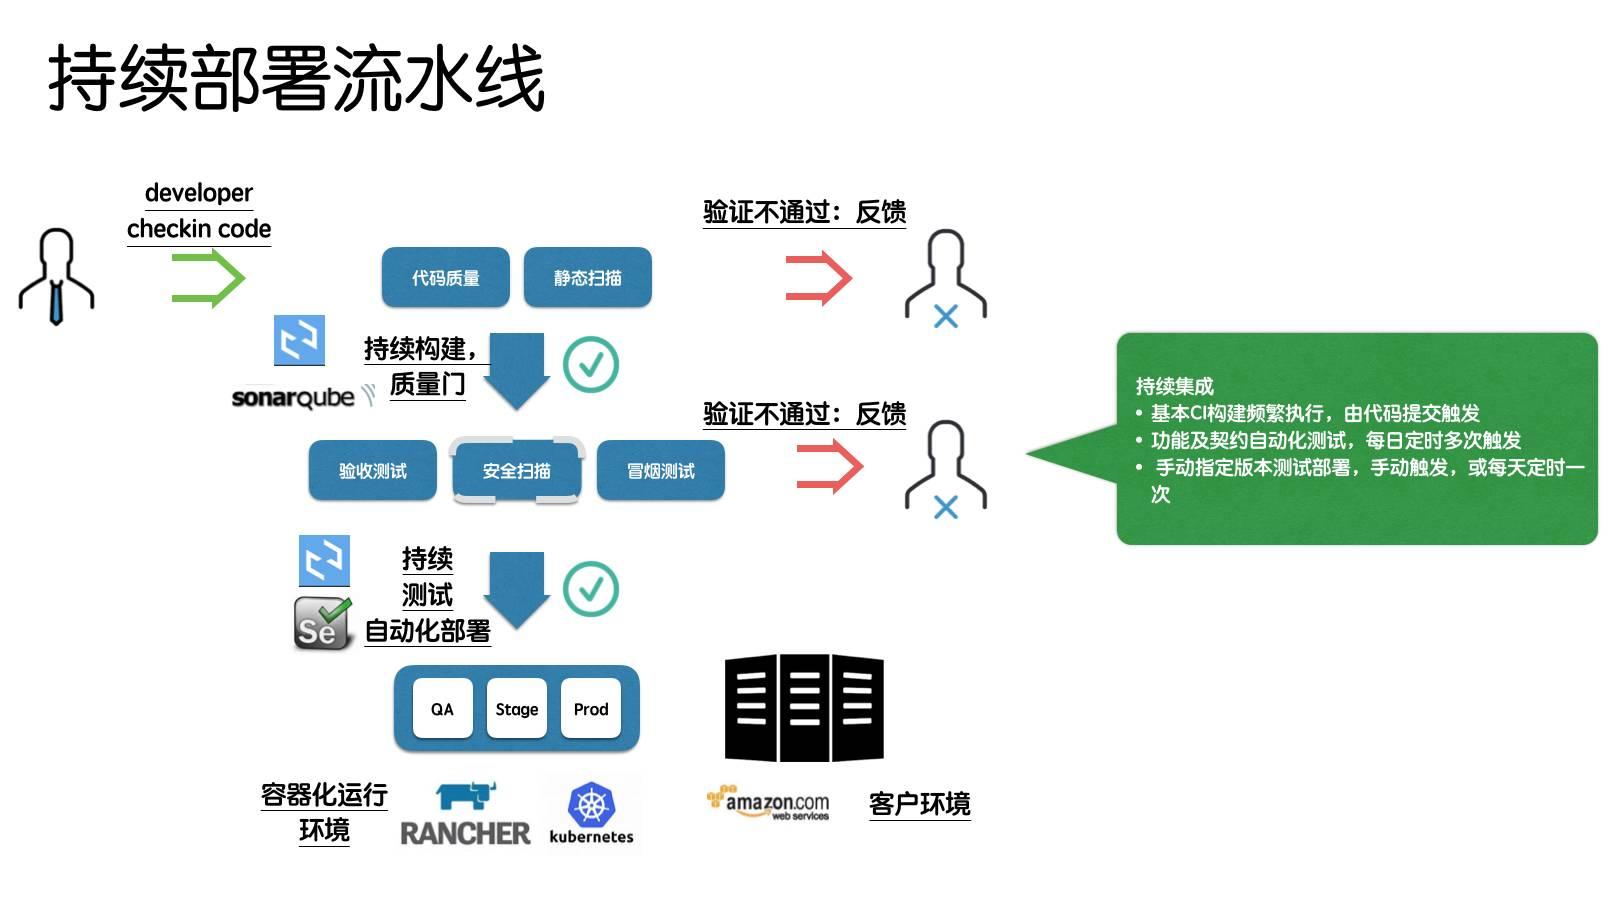 加速企業敏捷的DEVOPS平臺的開發與建設 - CSDN博客